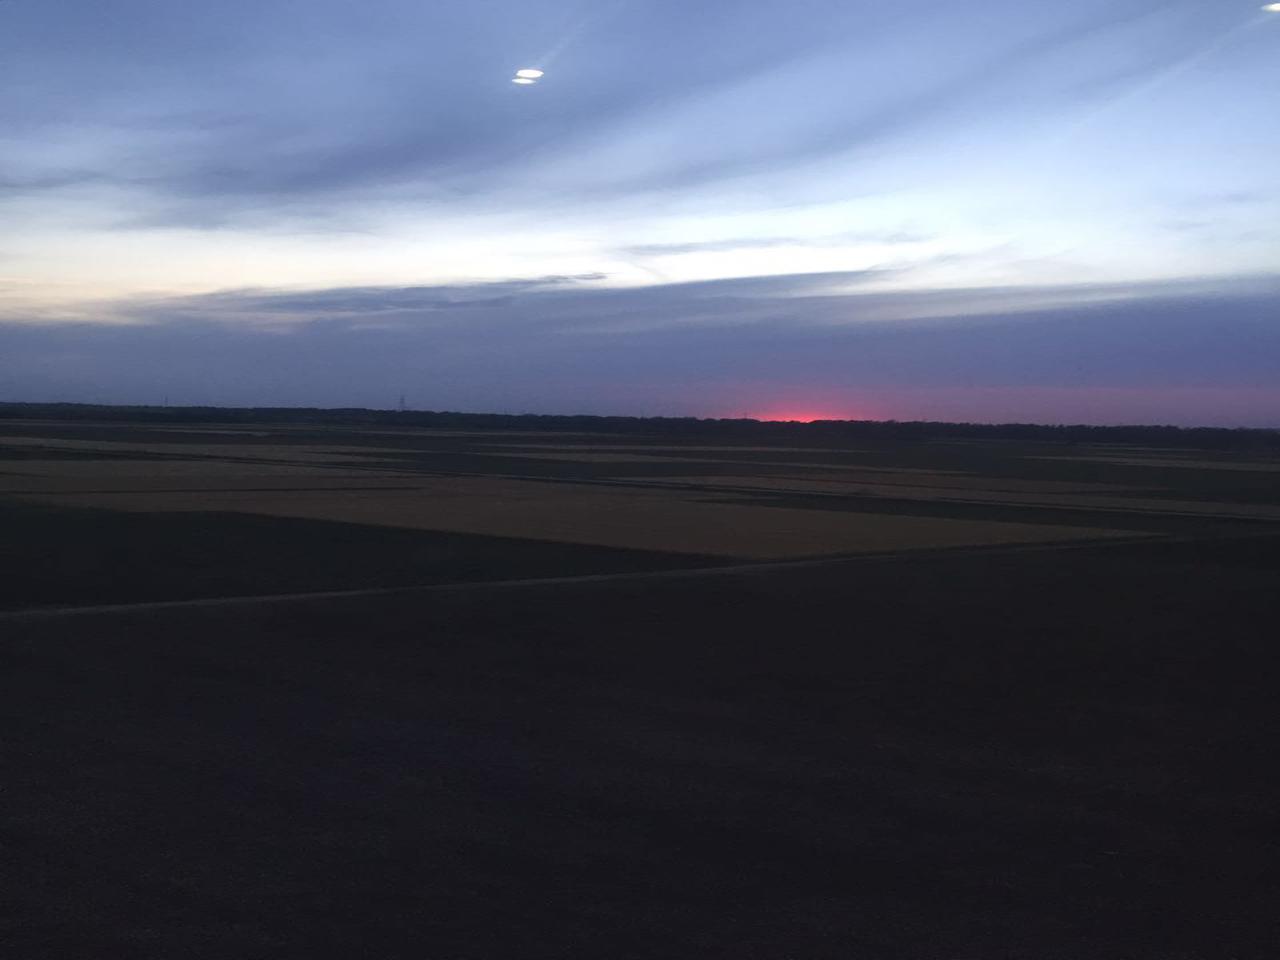 sunsetHighSpeedRail